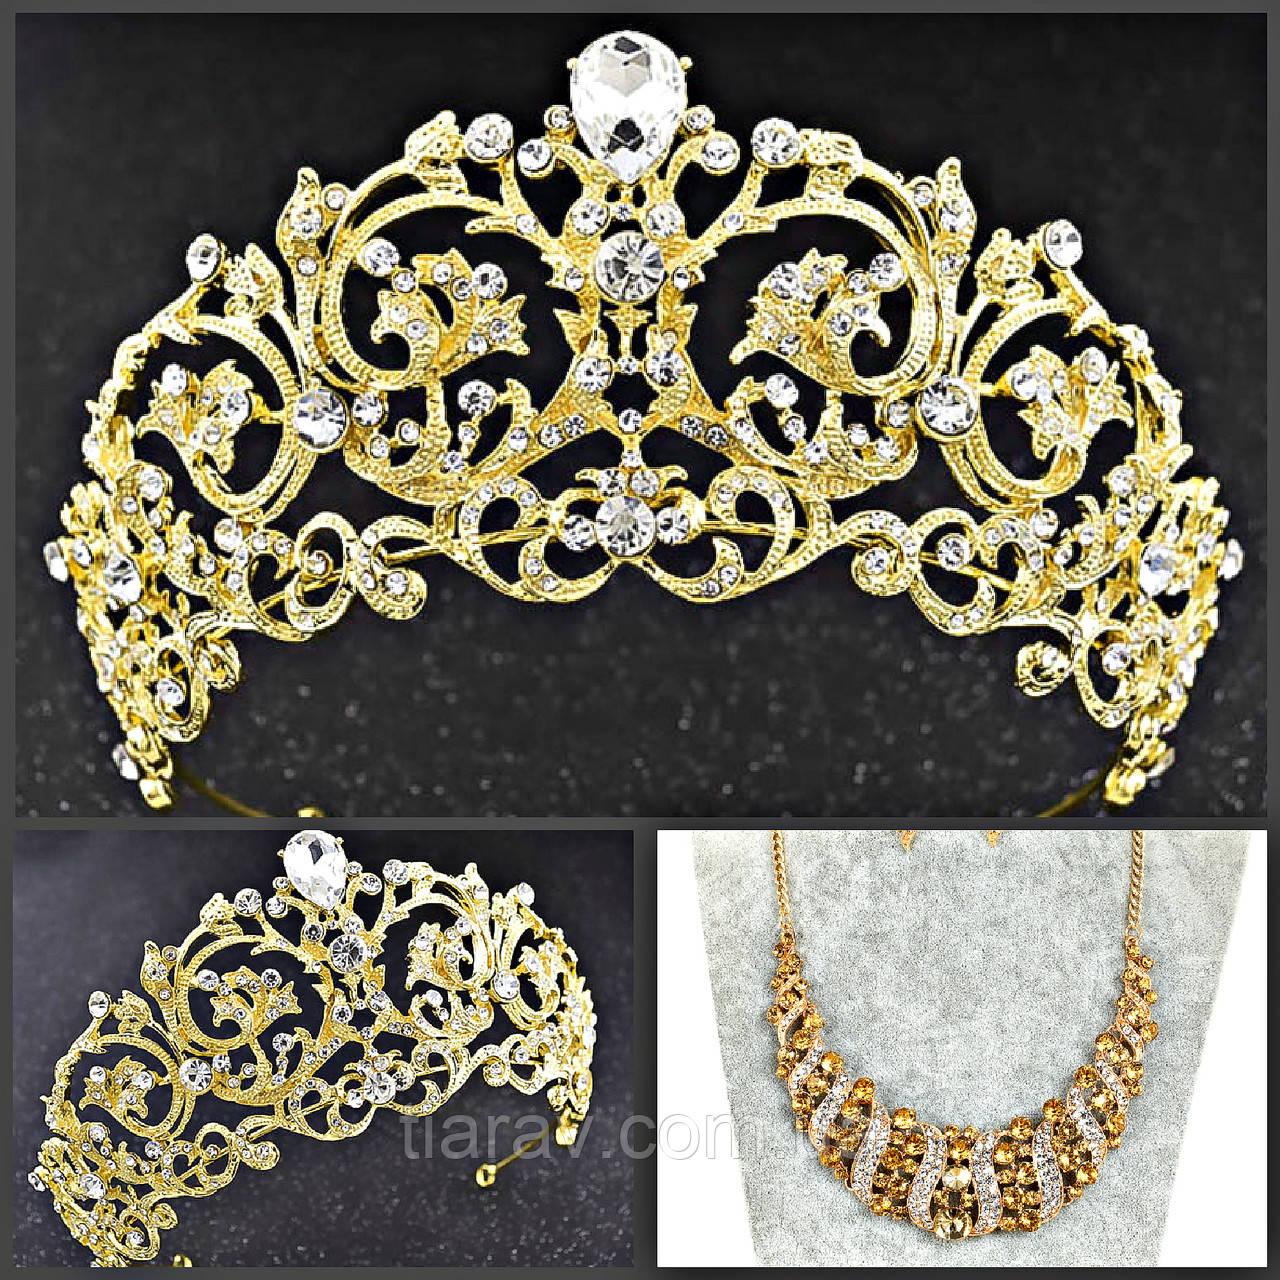 Свадебная корона колье и серьги РАУНА набор свадебная бижутерия